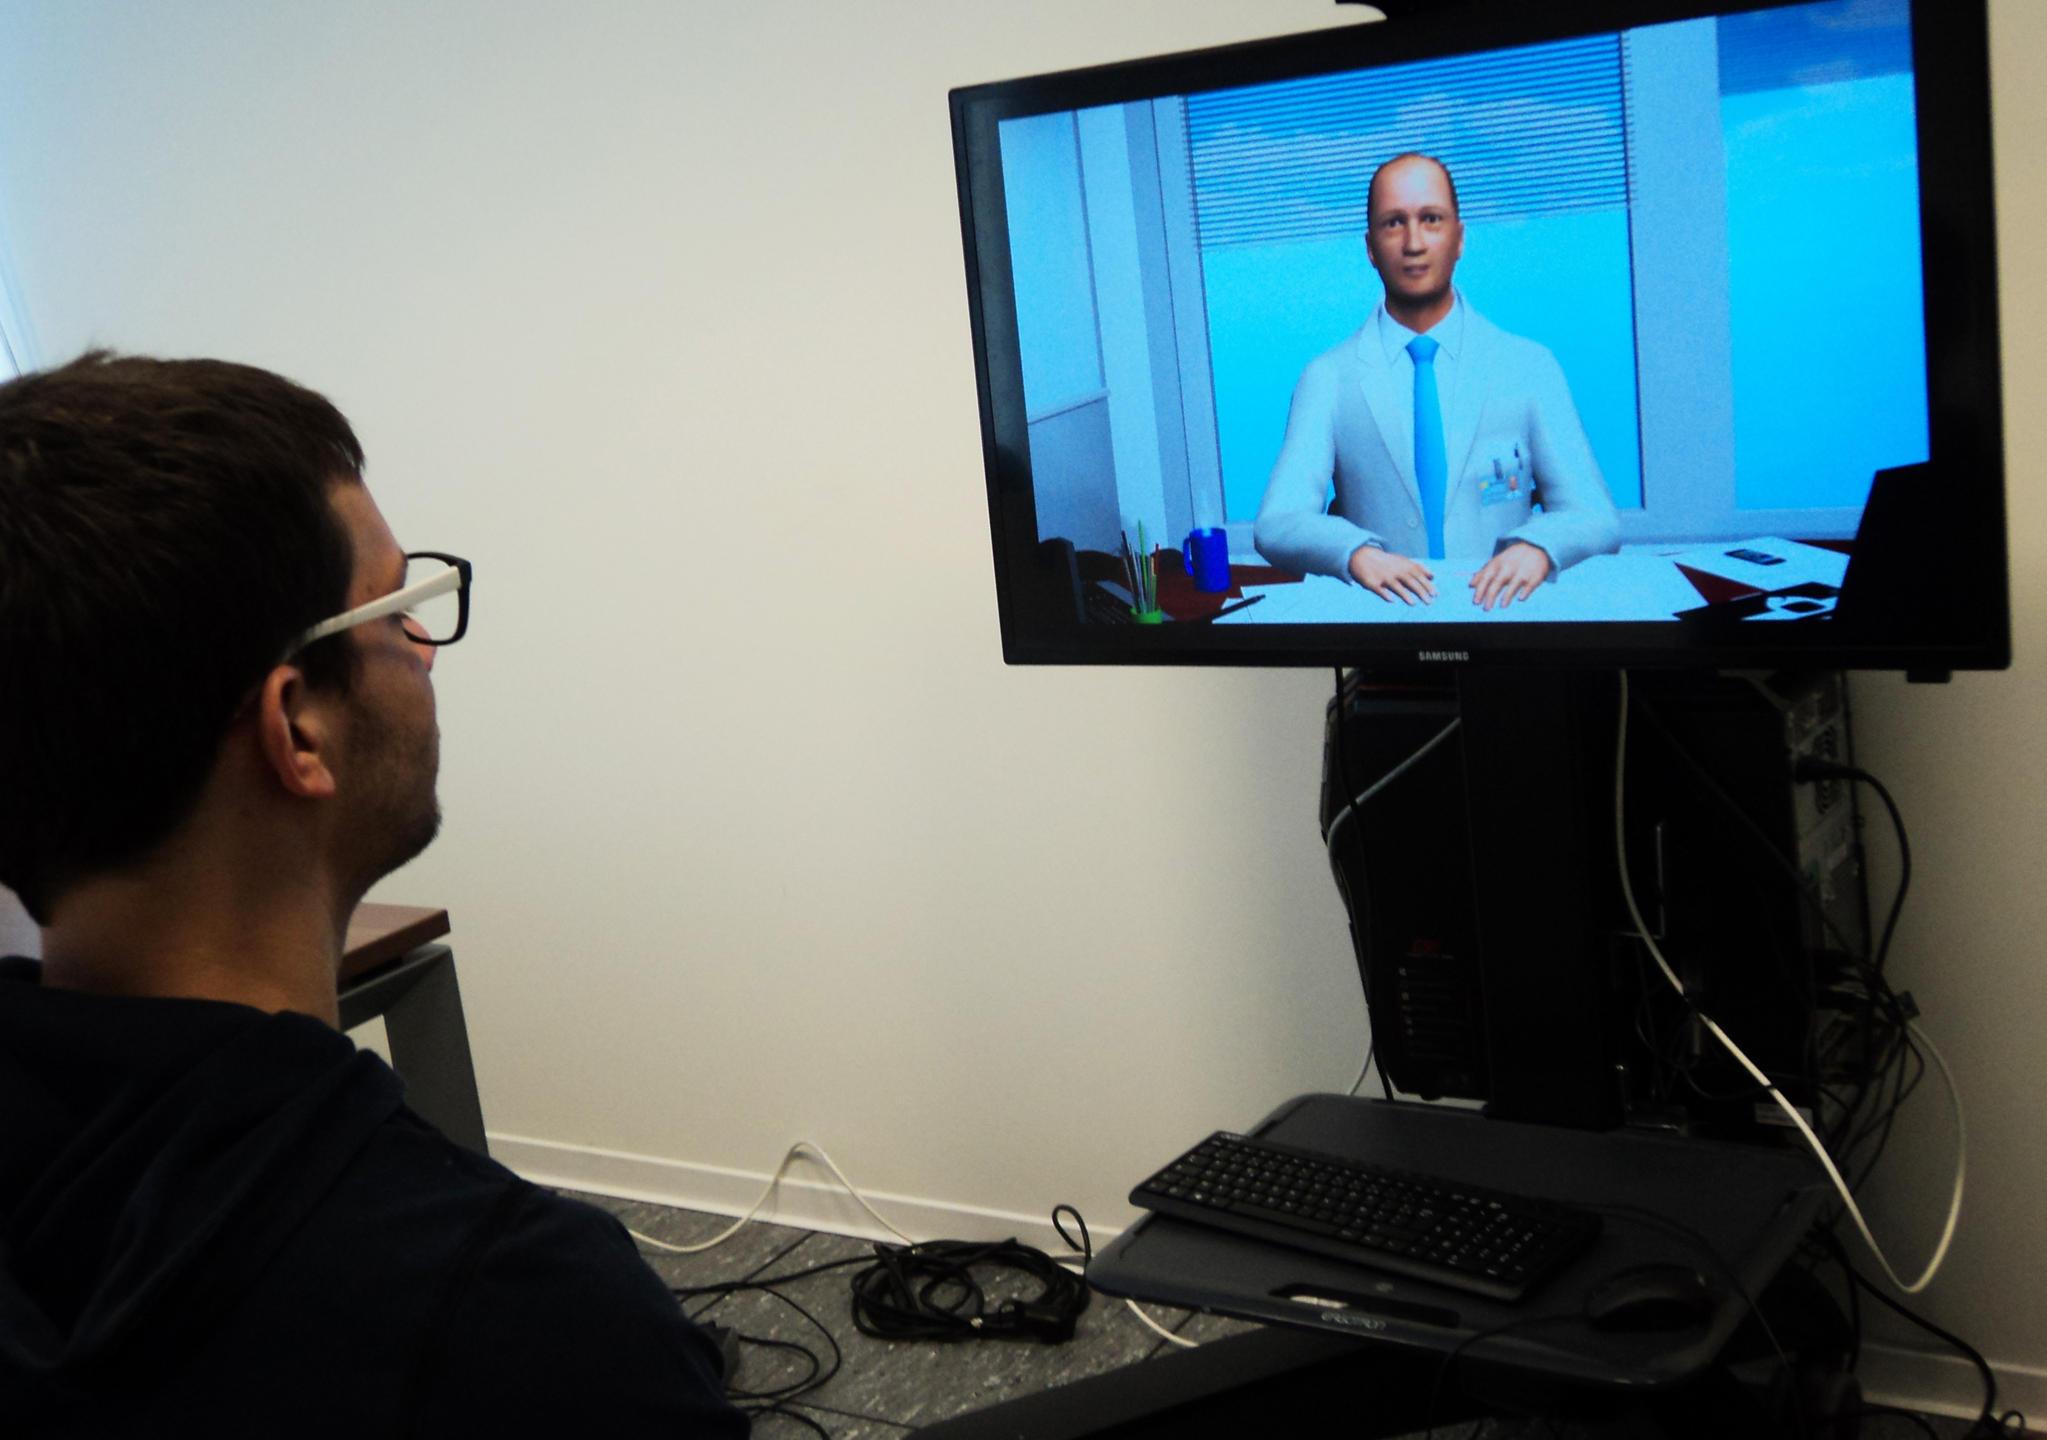 Médecin virtuel